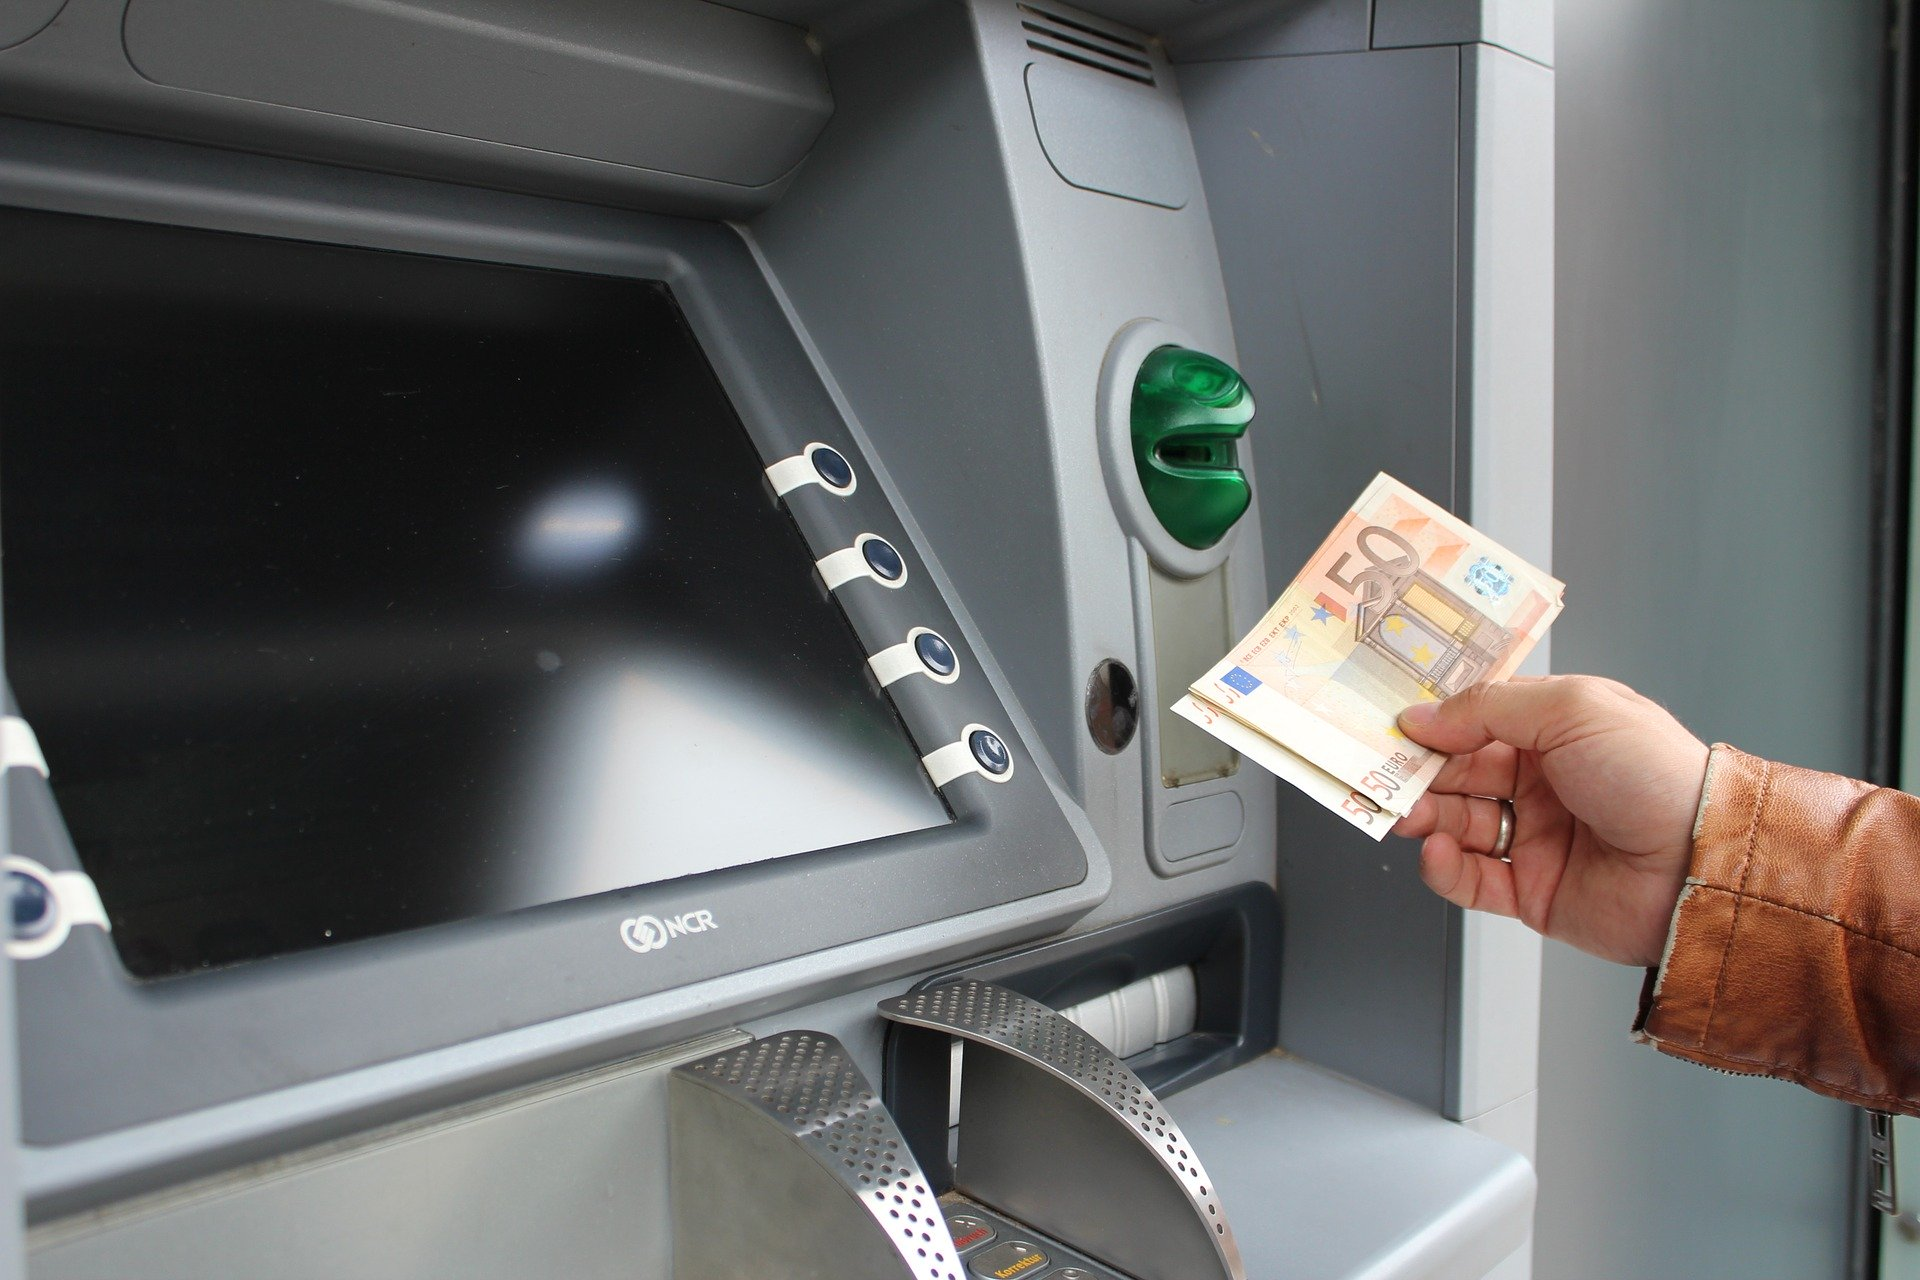 PIN ausgespäht, Karte gestohlen und Geld abgehoben